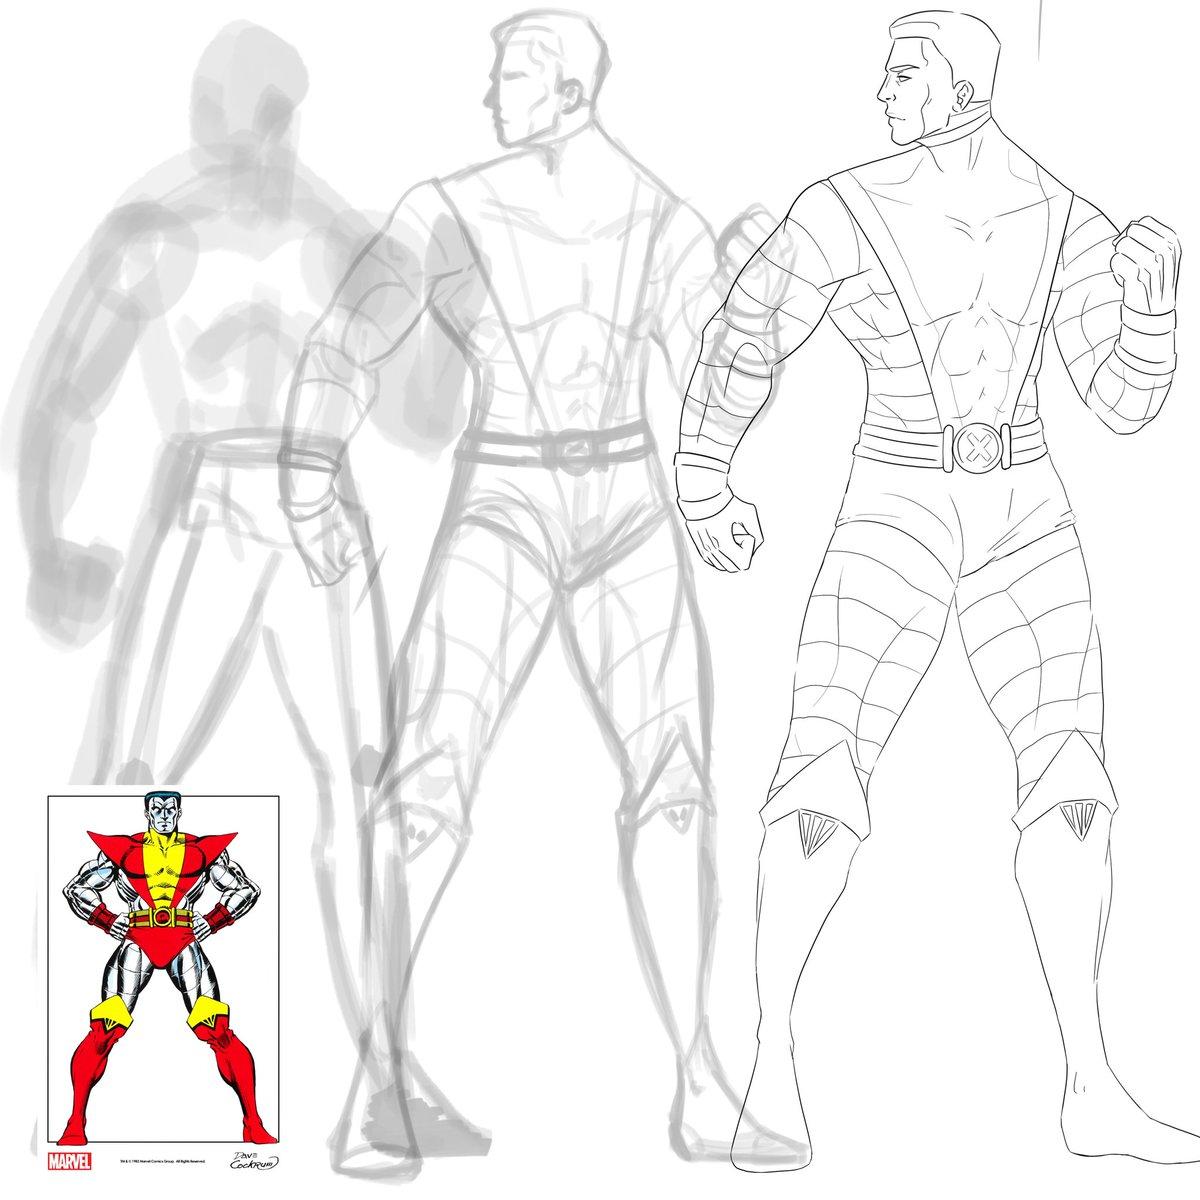 Progress #marvel #marvelcomics #fanart #art #drawing #colossus